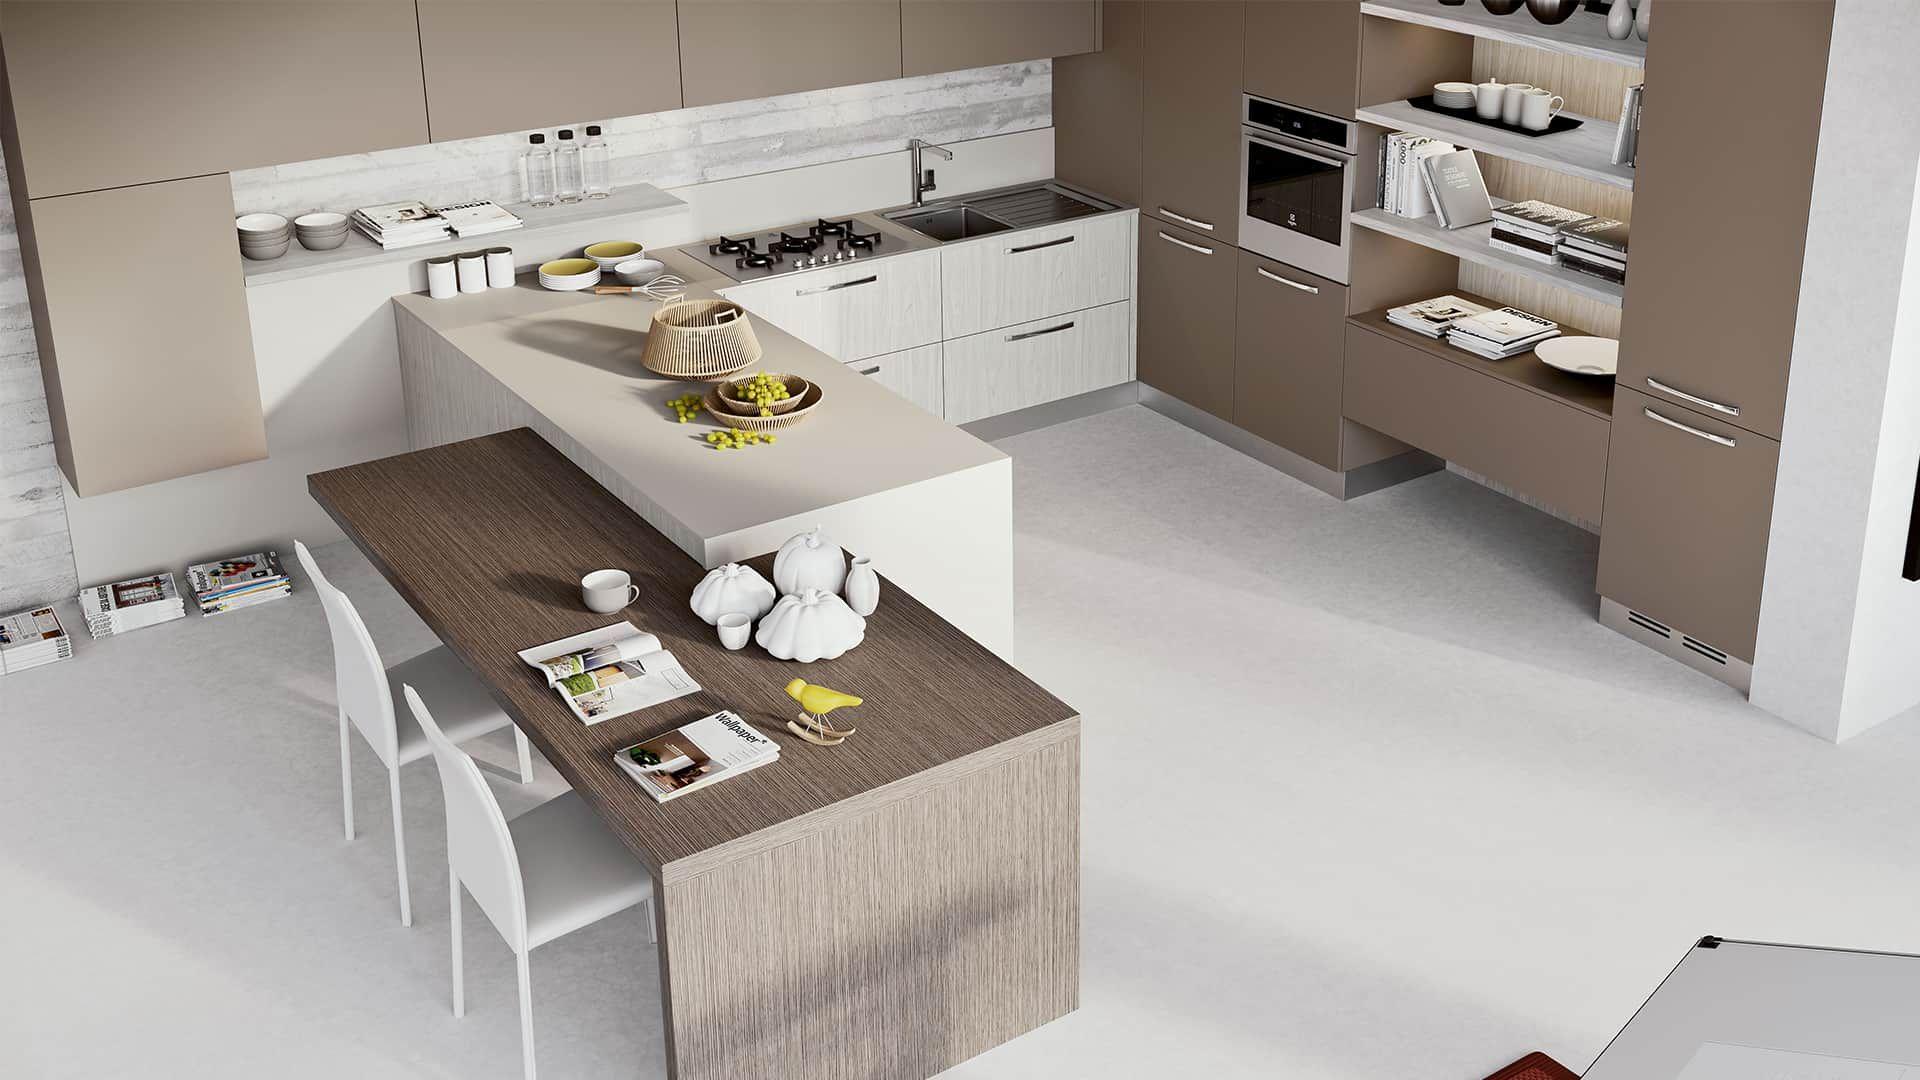 cucine componibili moderne ad angolo con penisola  cucina